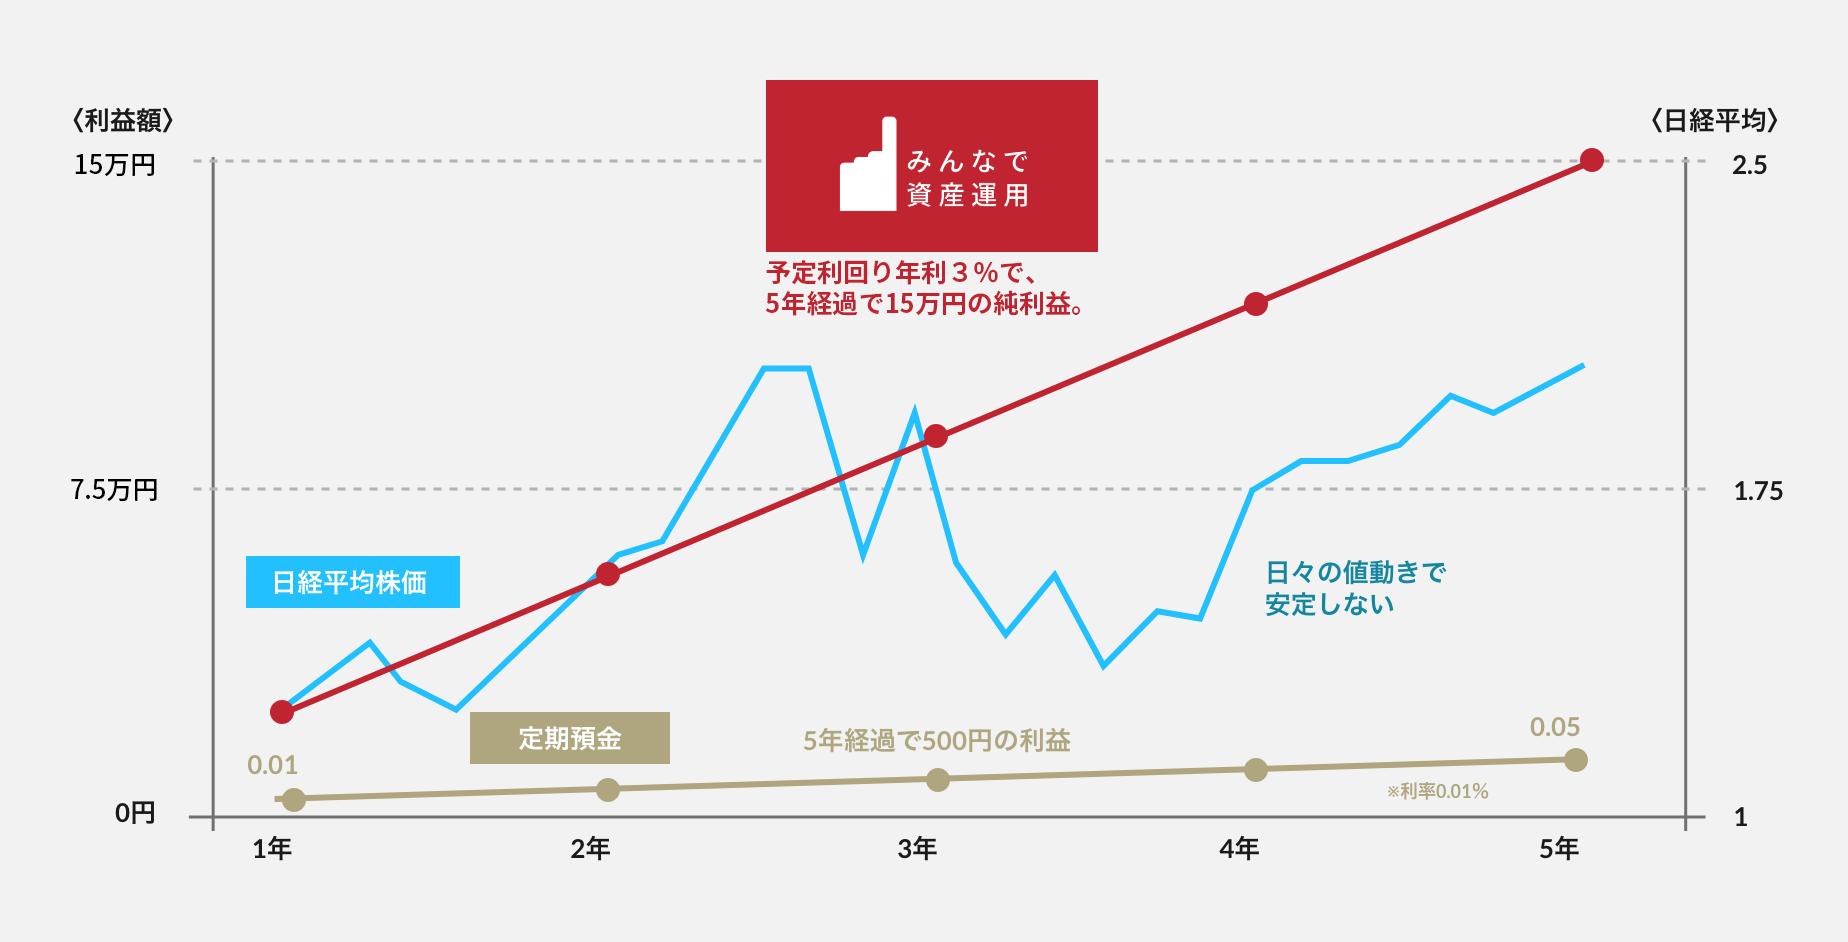 日経平均株価、定期預金との比較